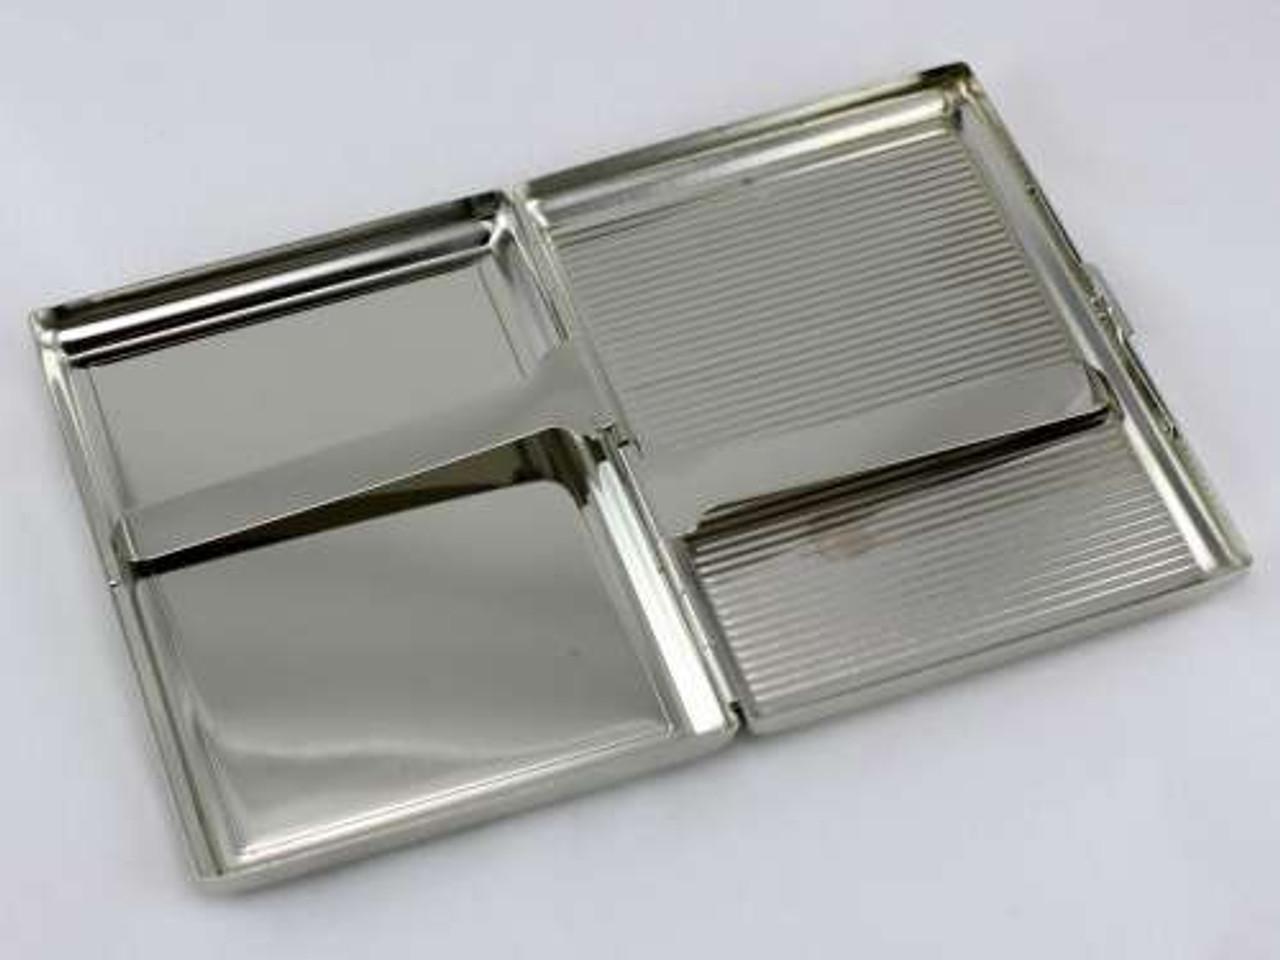 Checkered Cigarette Case